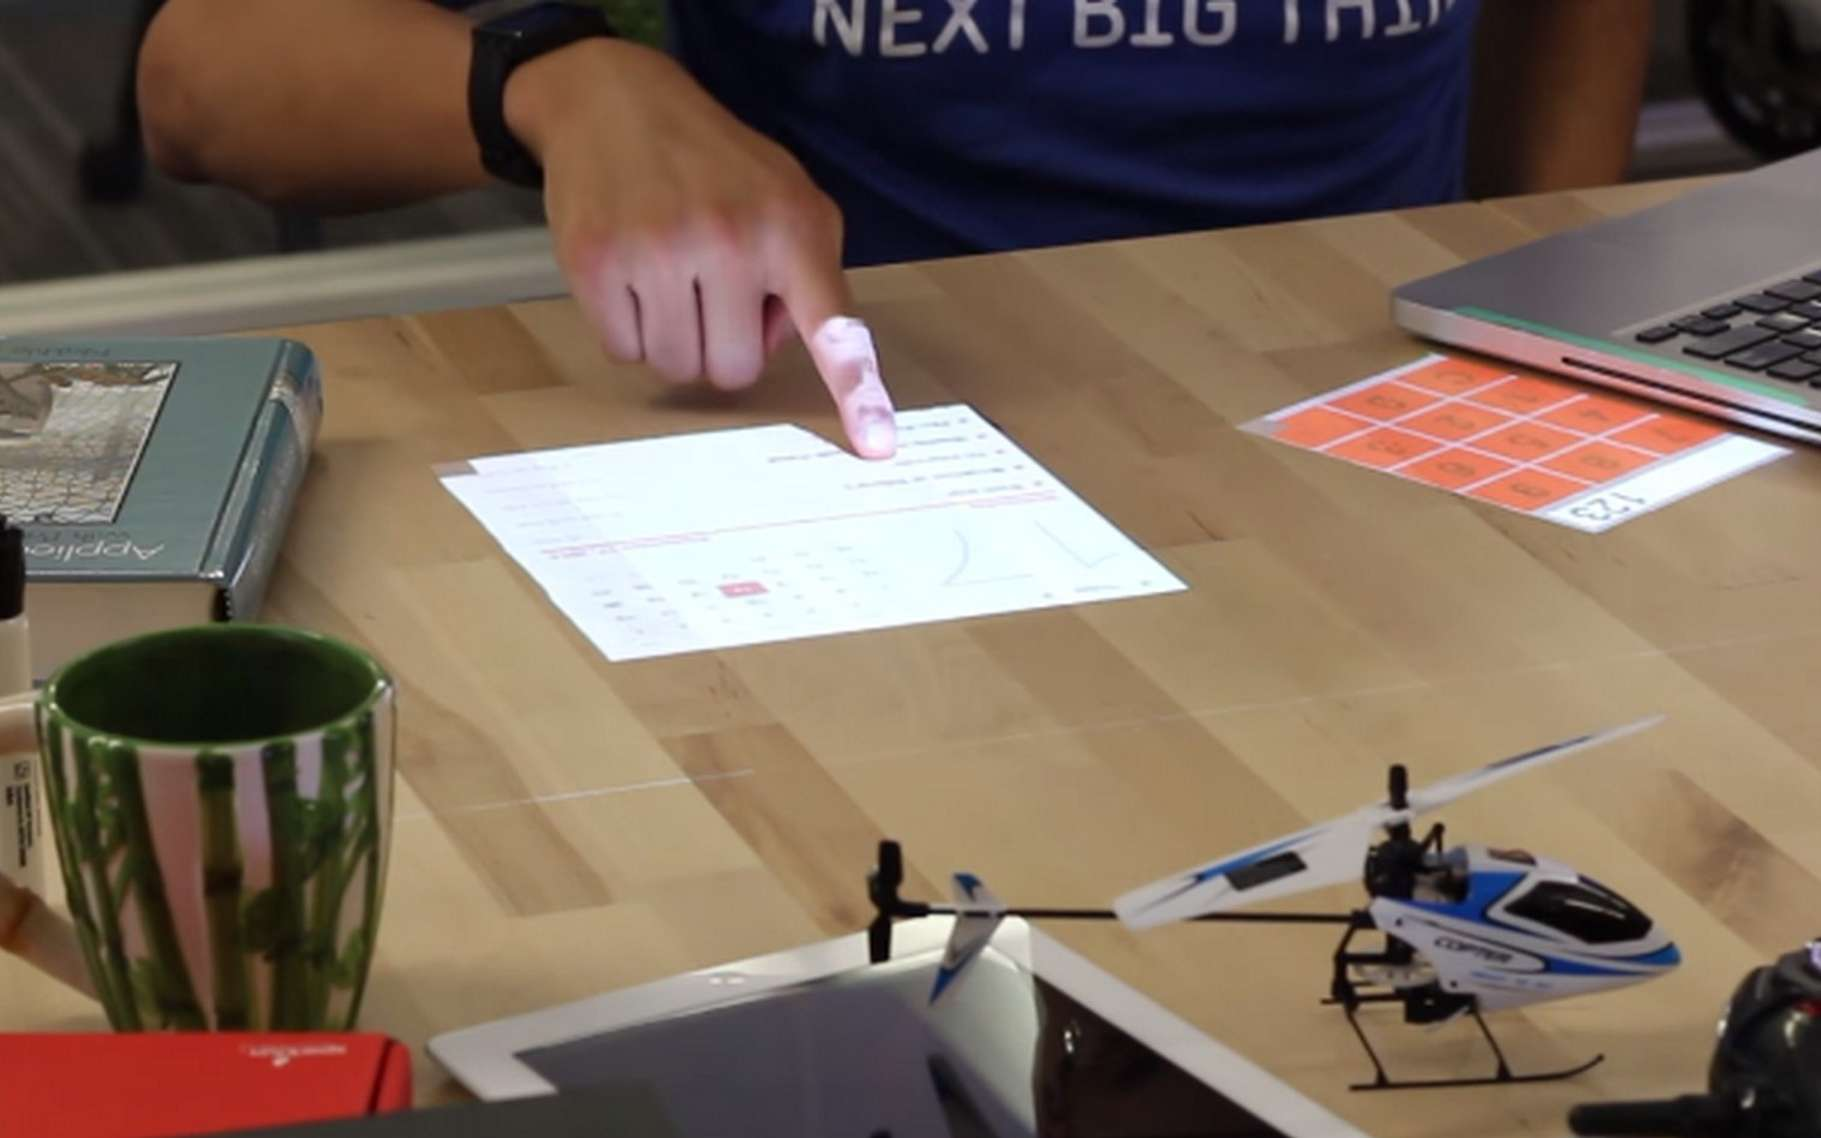 Desktopography projette l'image d'une application sur la surface d'un bureau et permet à l'utilisateur d'interagir comme sur un écran tactile, avec un ou plusieurs doigts. © Carnegie Mellon University